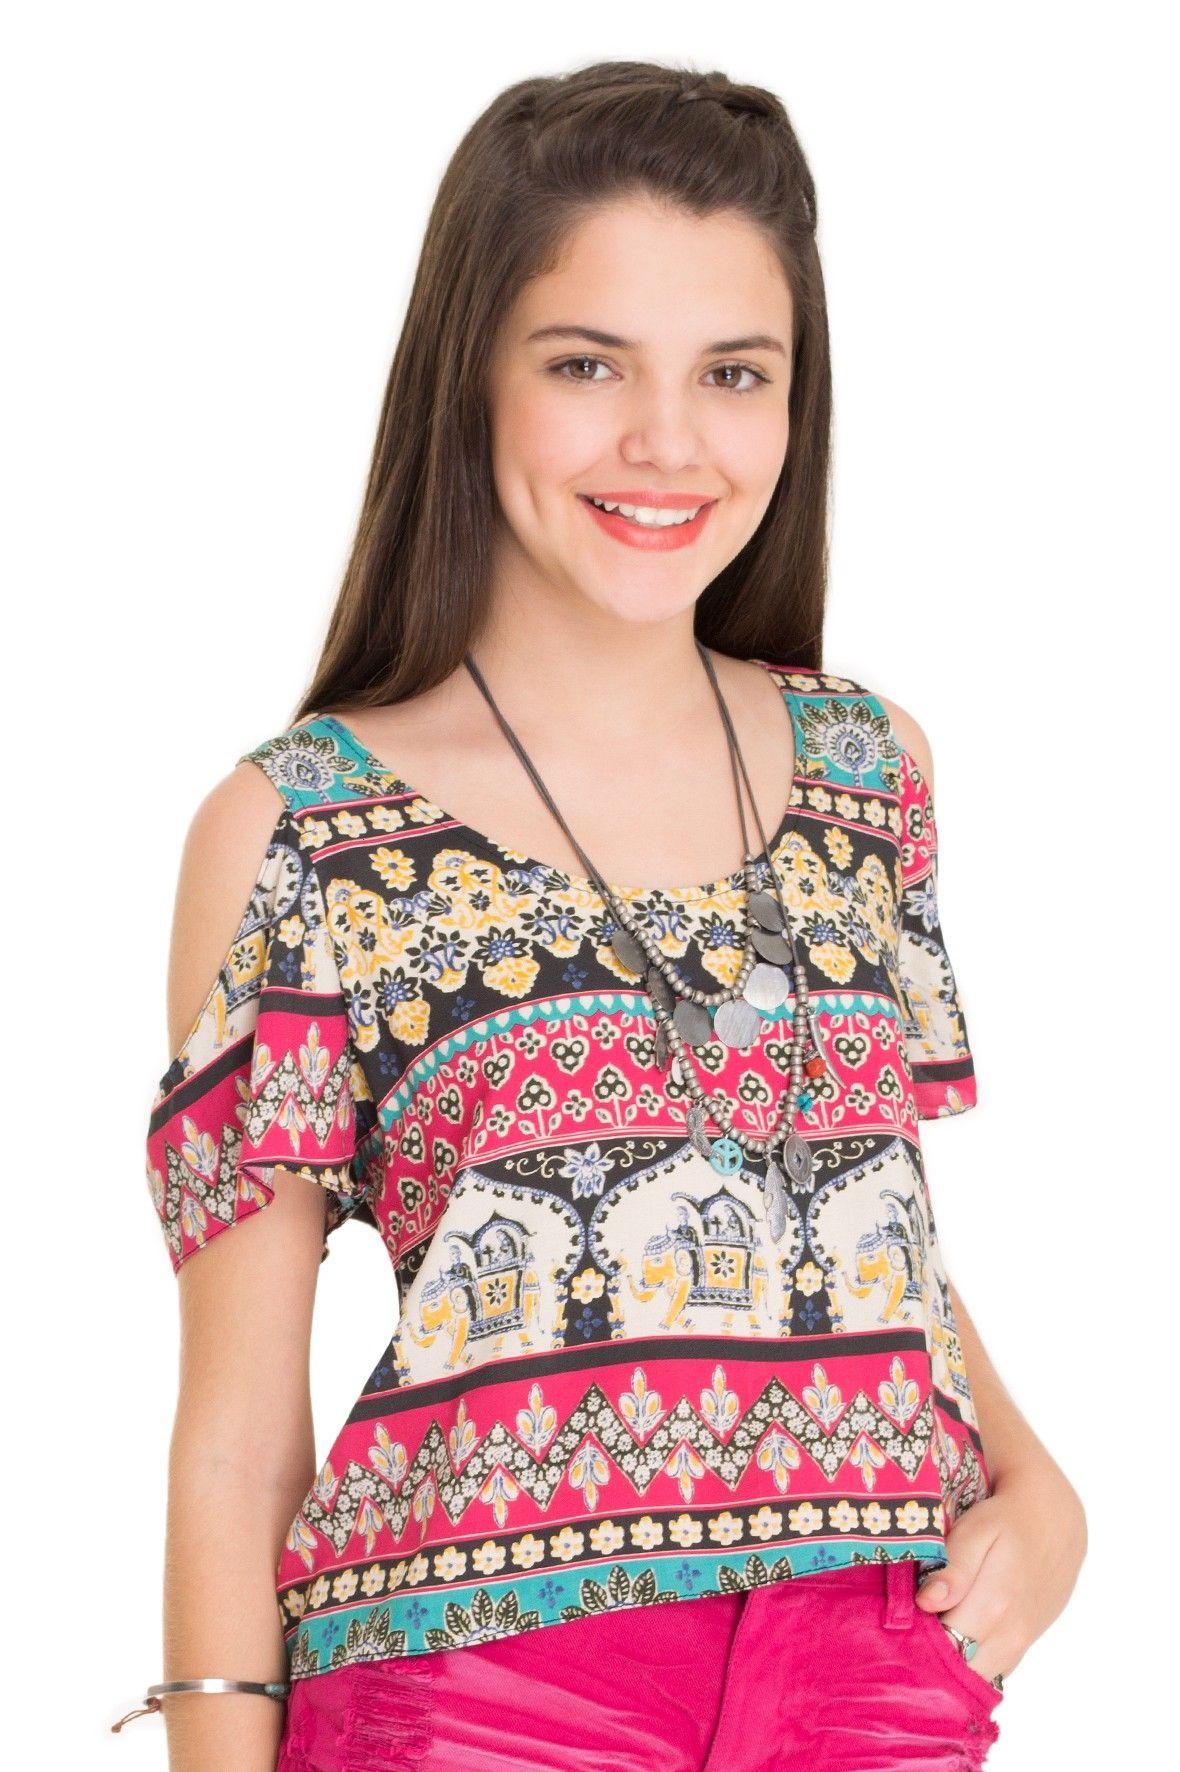 Compre Blusa Estampada online Compre agora na Dafiti Pague em até 10x Sem Juros Entrega Rápida e Segura A Devolução e a Troca é por nossa conta.